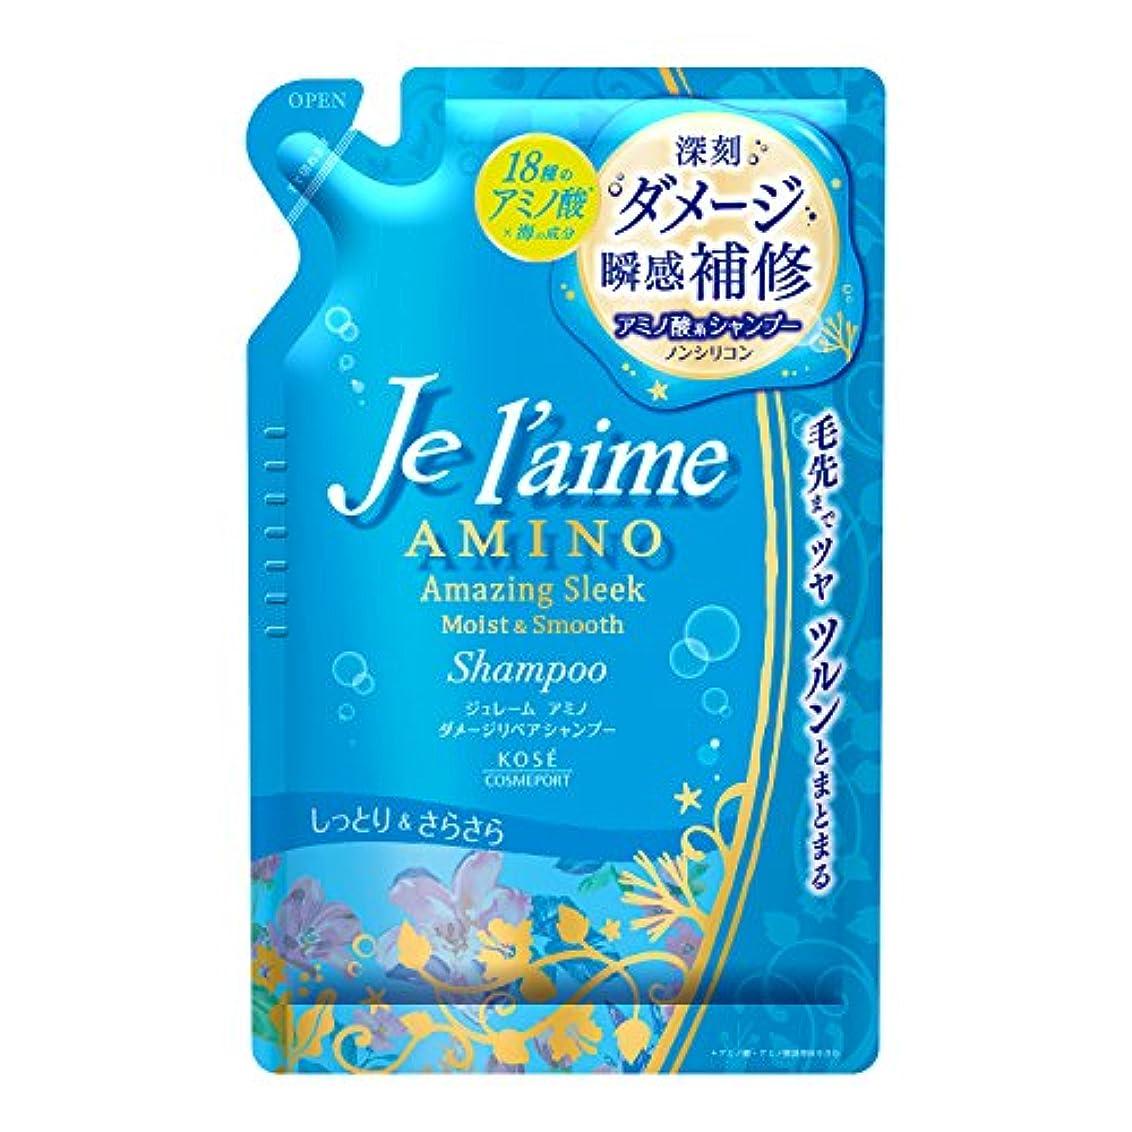 雇うグリース害虫KOSE コーセー ジュレーム アミノ ダメージ リペア シャンプー ノンシリコン アミノ酸 配合 (モイスト & スムース) つめかえ 400ml